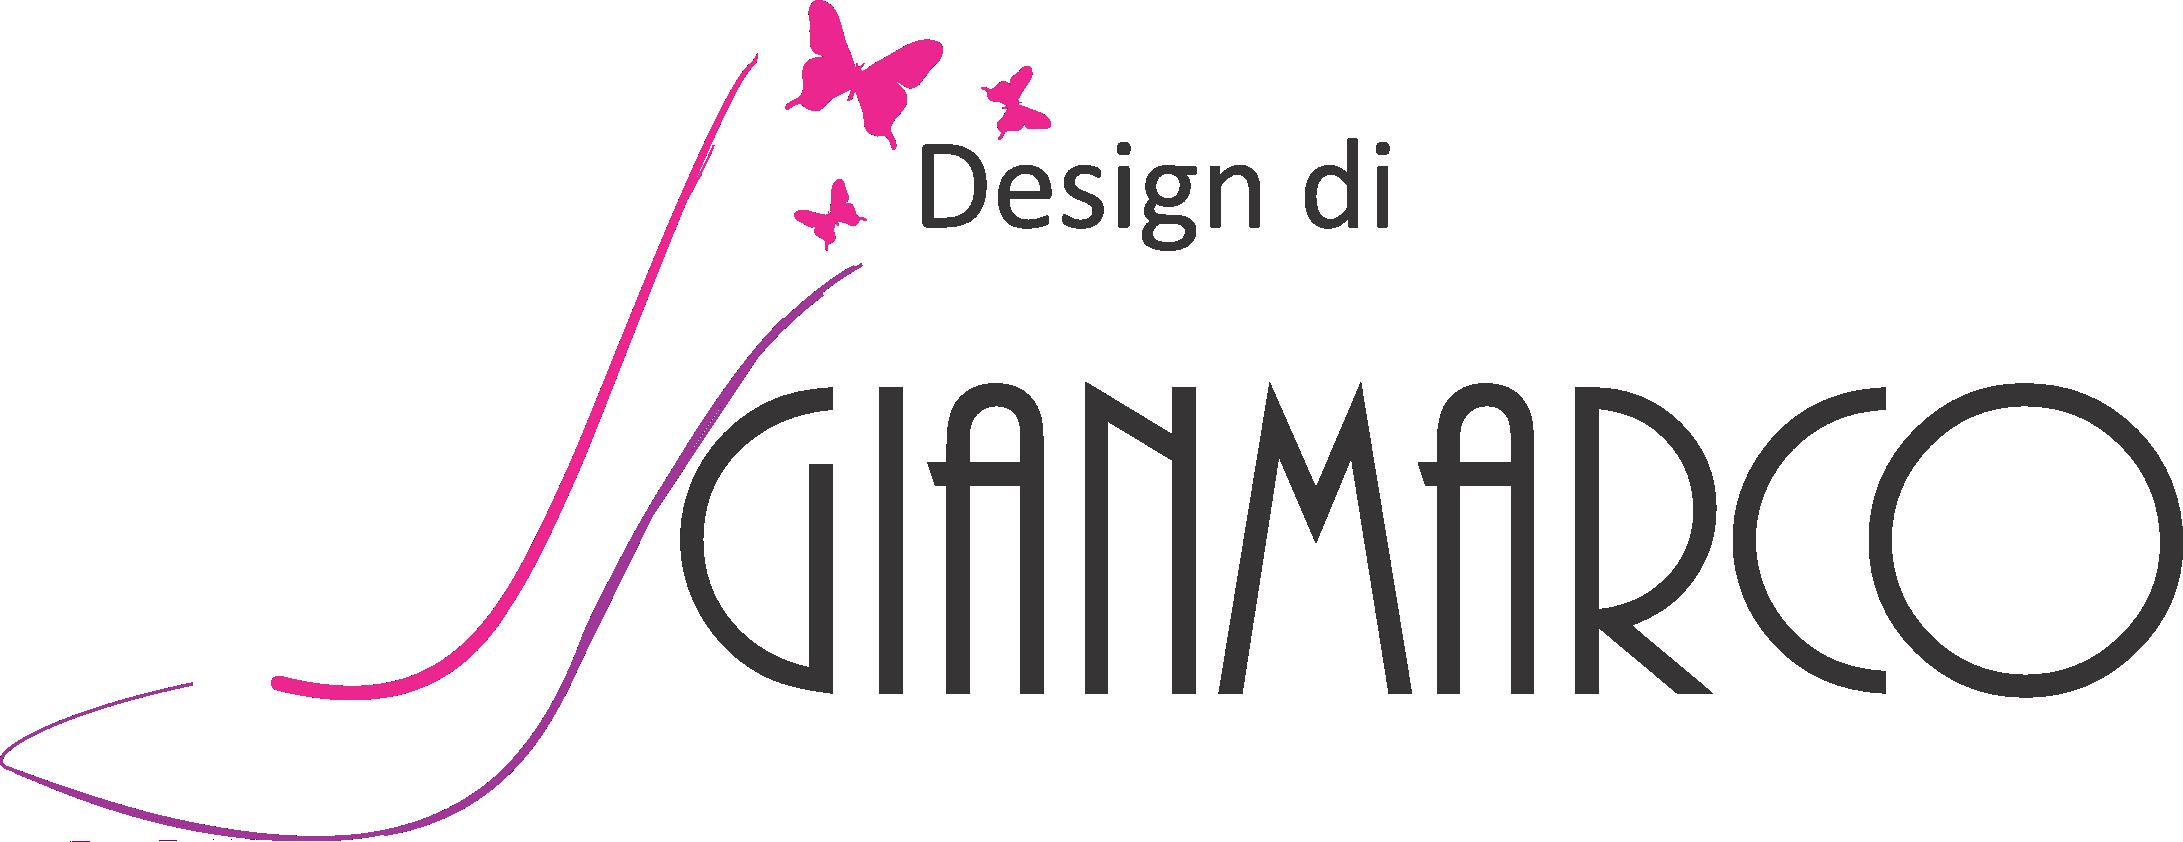 calzado gian marco logo vector